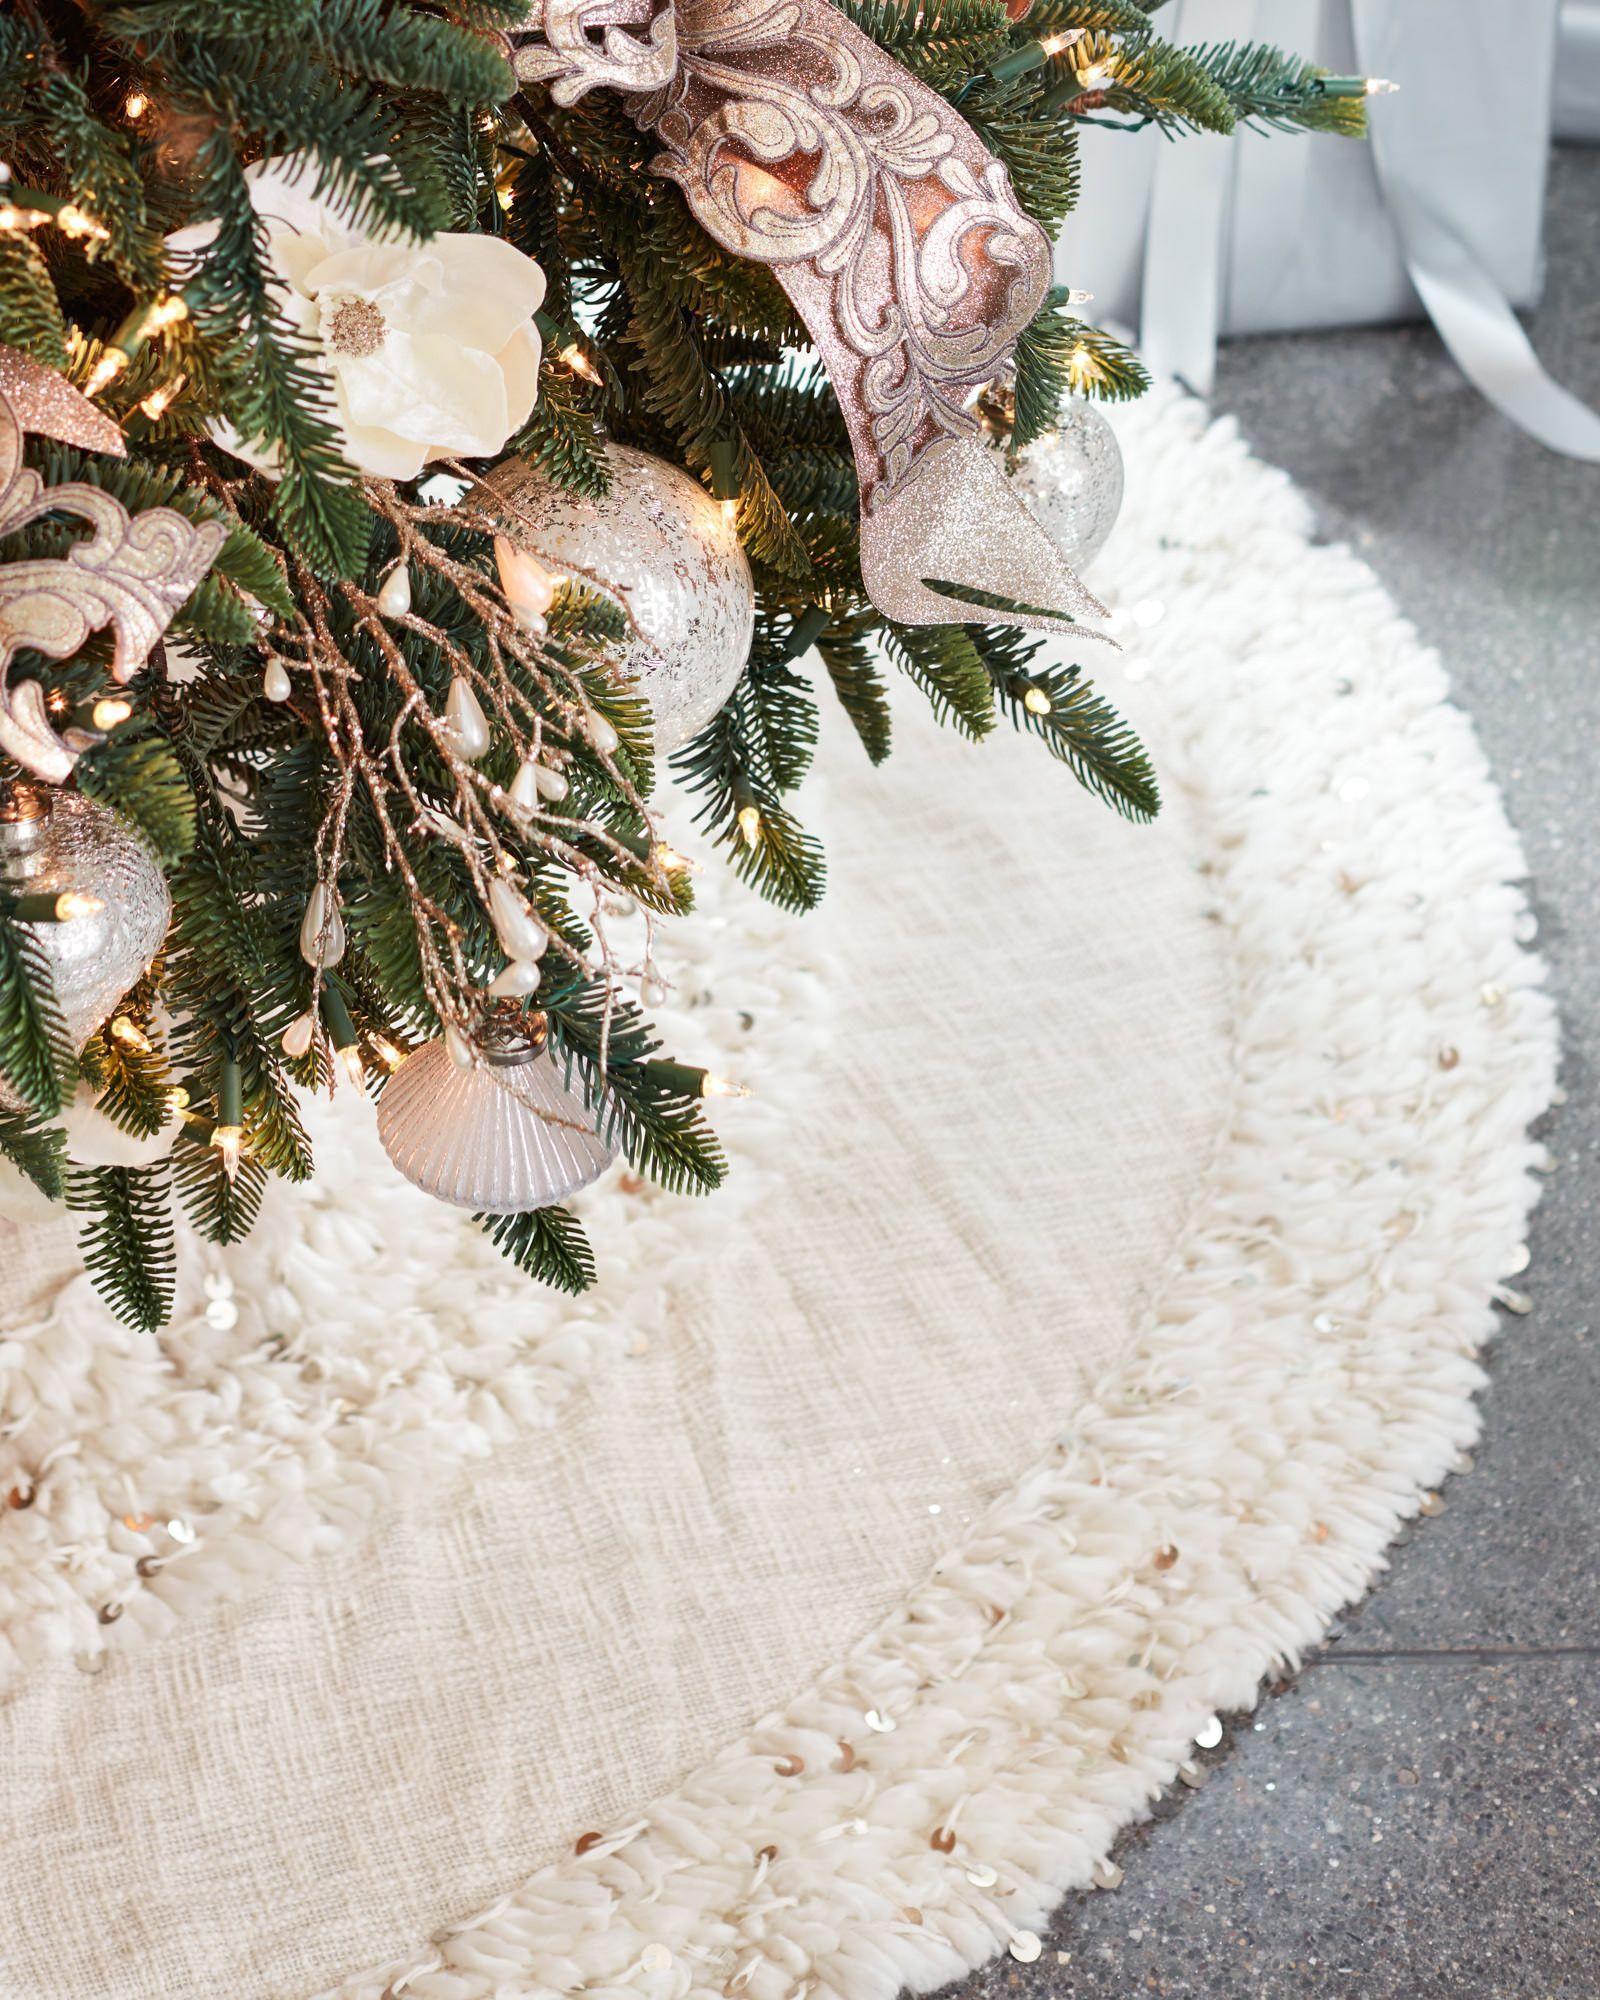 Christmas Tree Skirt Images Part - 30: Juliette Fringed Tree Skirt Main Image